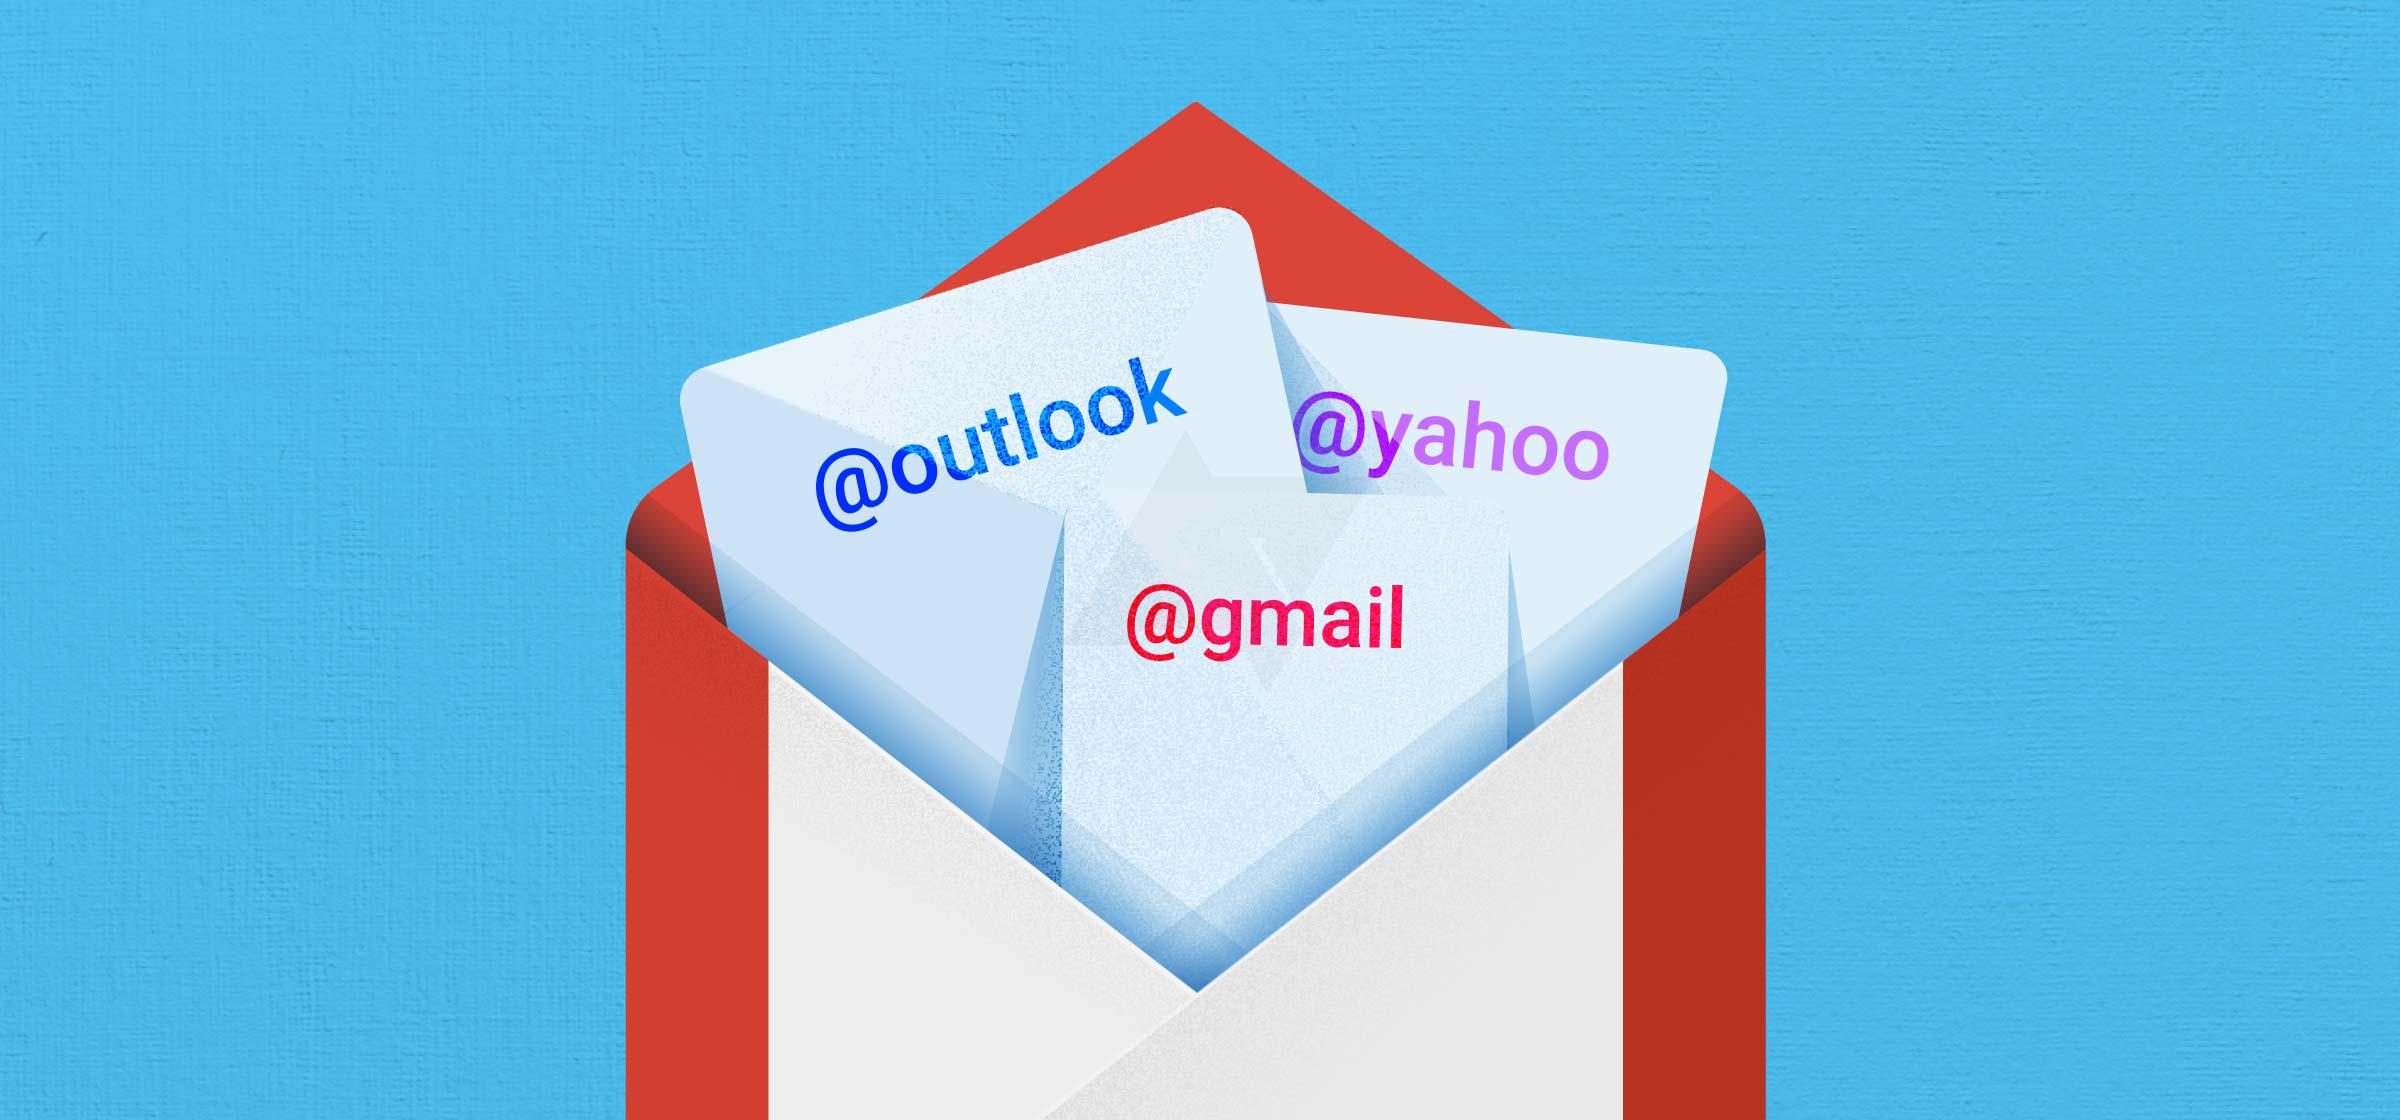 gmail 5.0 autres comptes messagerie